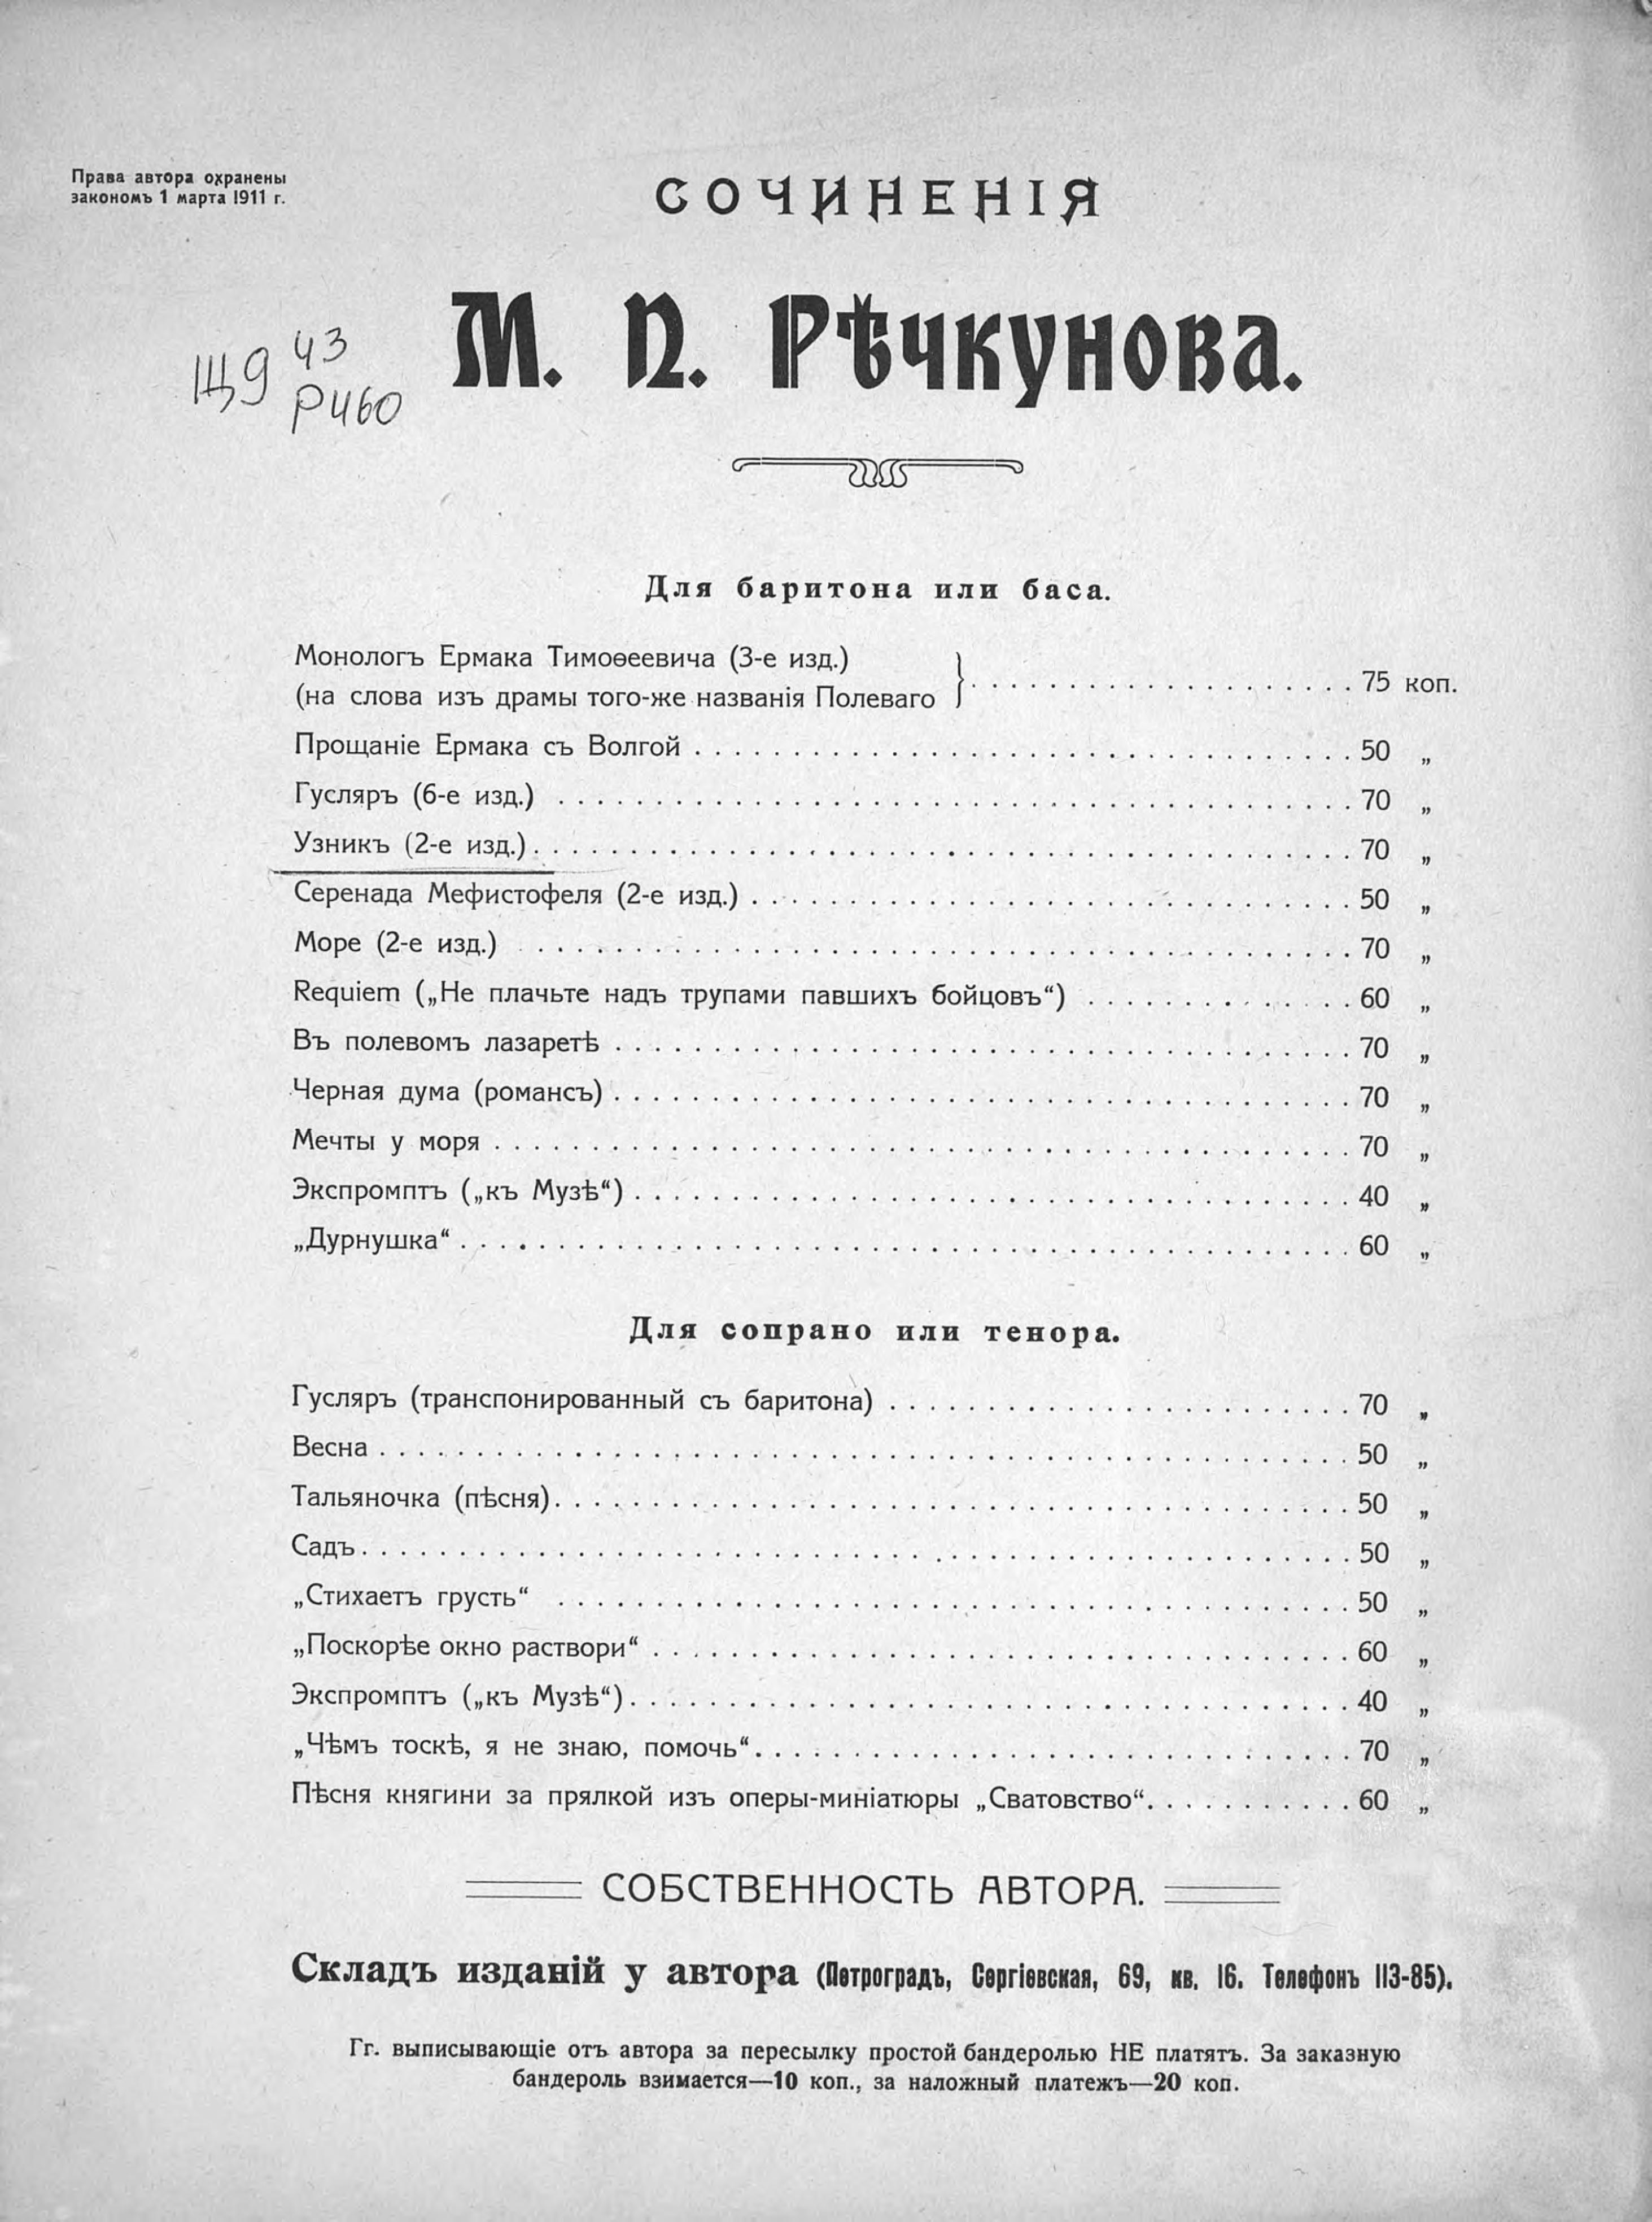 Михаил Петрович Речкунов Узник узник крови коллекция детективов